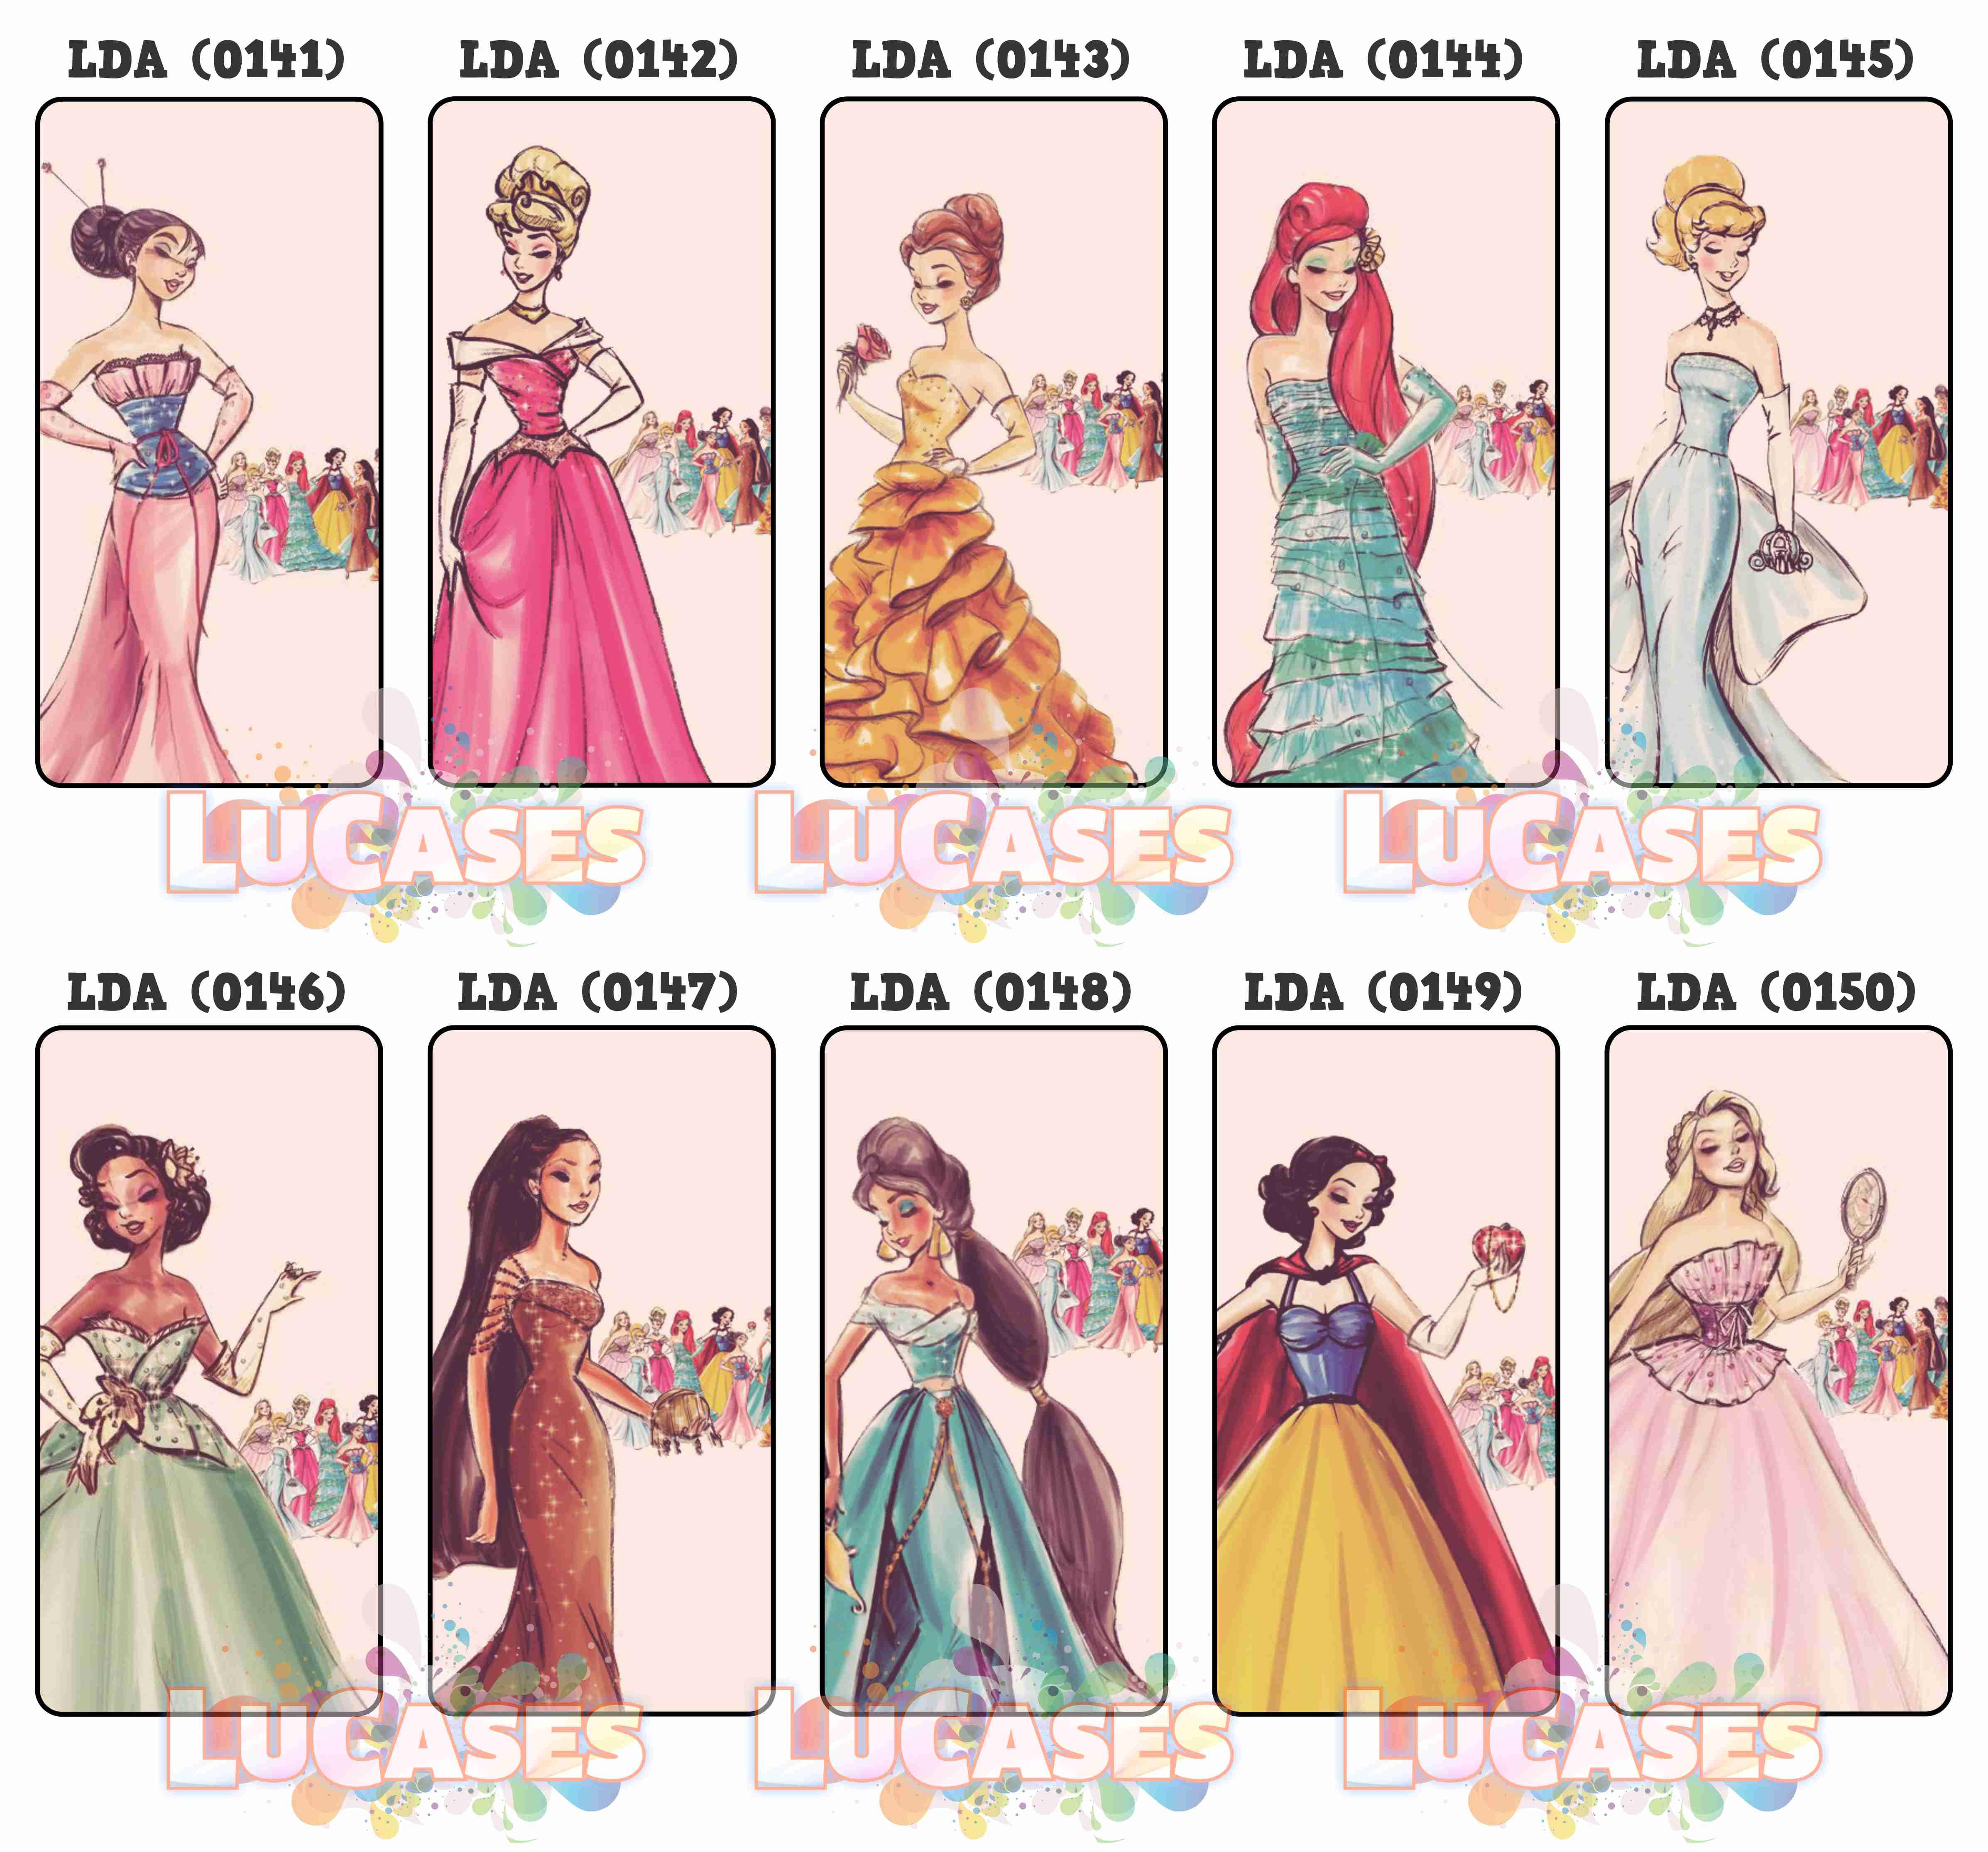 Capa De Celular Princesas Desenho Arte No Elo7 Loja Lucases 9283f4